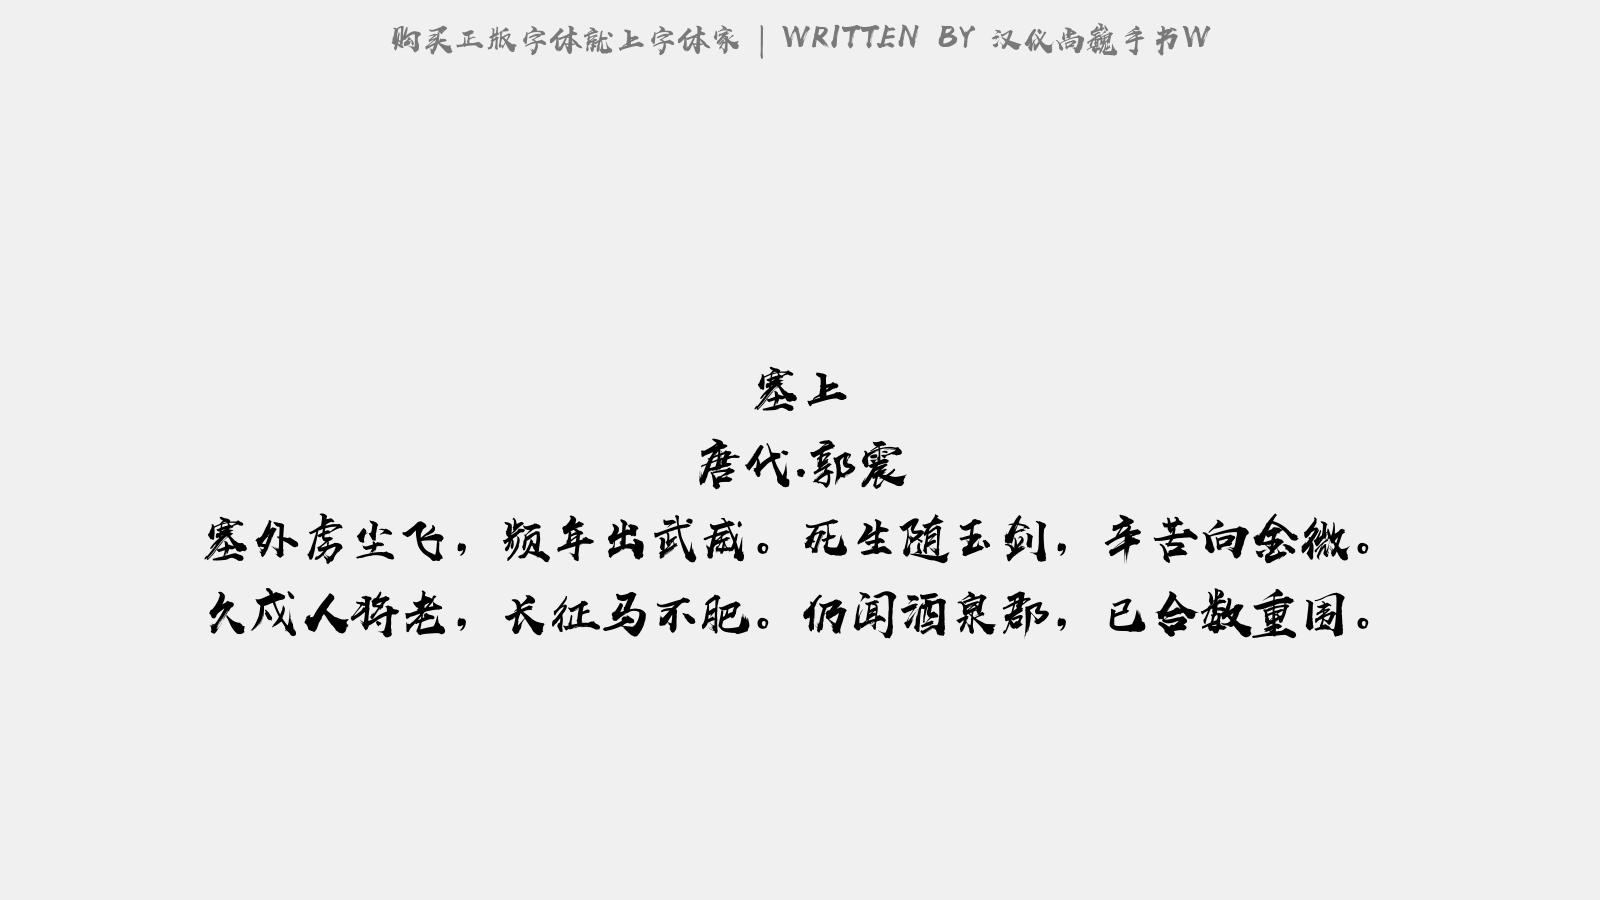 漢儀尚巍手書W - 送程秀才